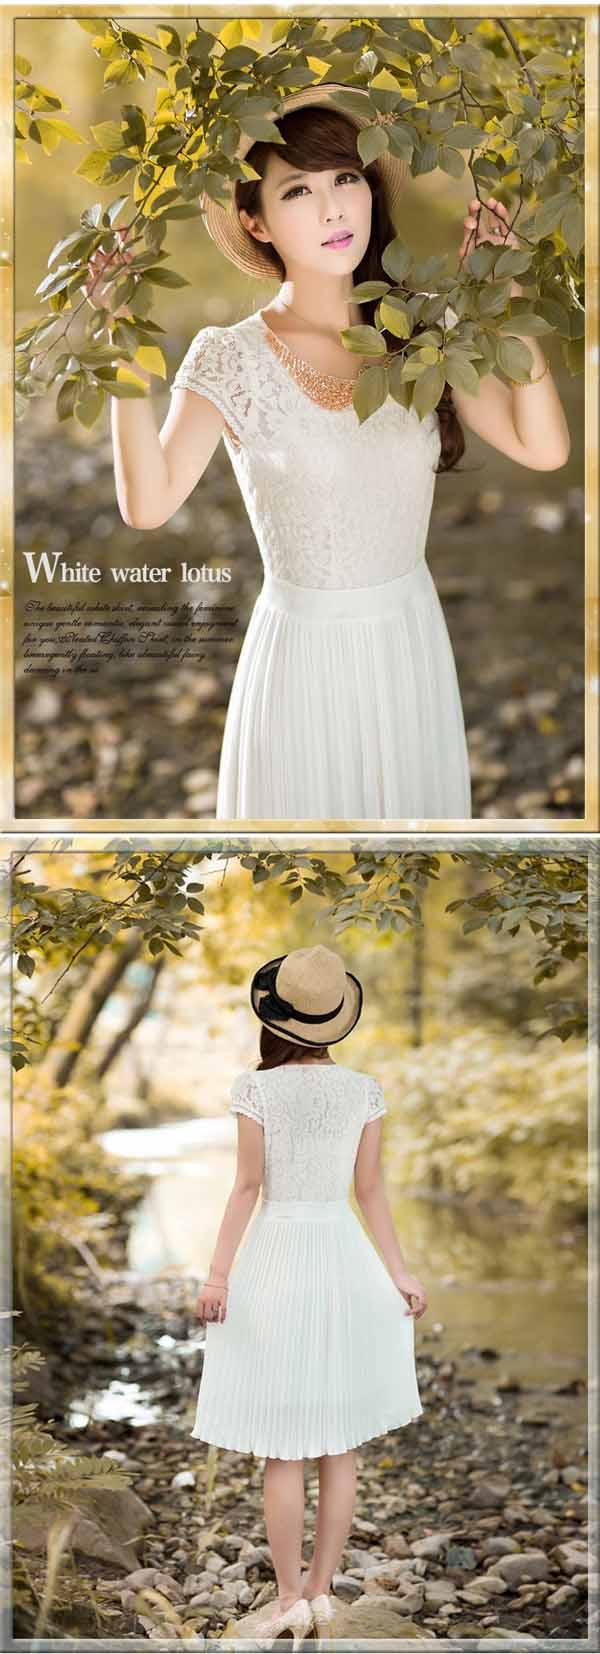 ชุดราตรีหรูหรา ชีฟองแต่งลูกไม้คอบัวแฟชั่นเกาหลีสำหรับคนสวย นำเข้า สีขาว มีไซส์ใหญ่LและXL - พร้อมส่งTJ7364 ราคา1400บาท